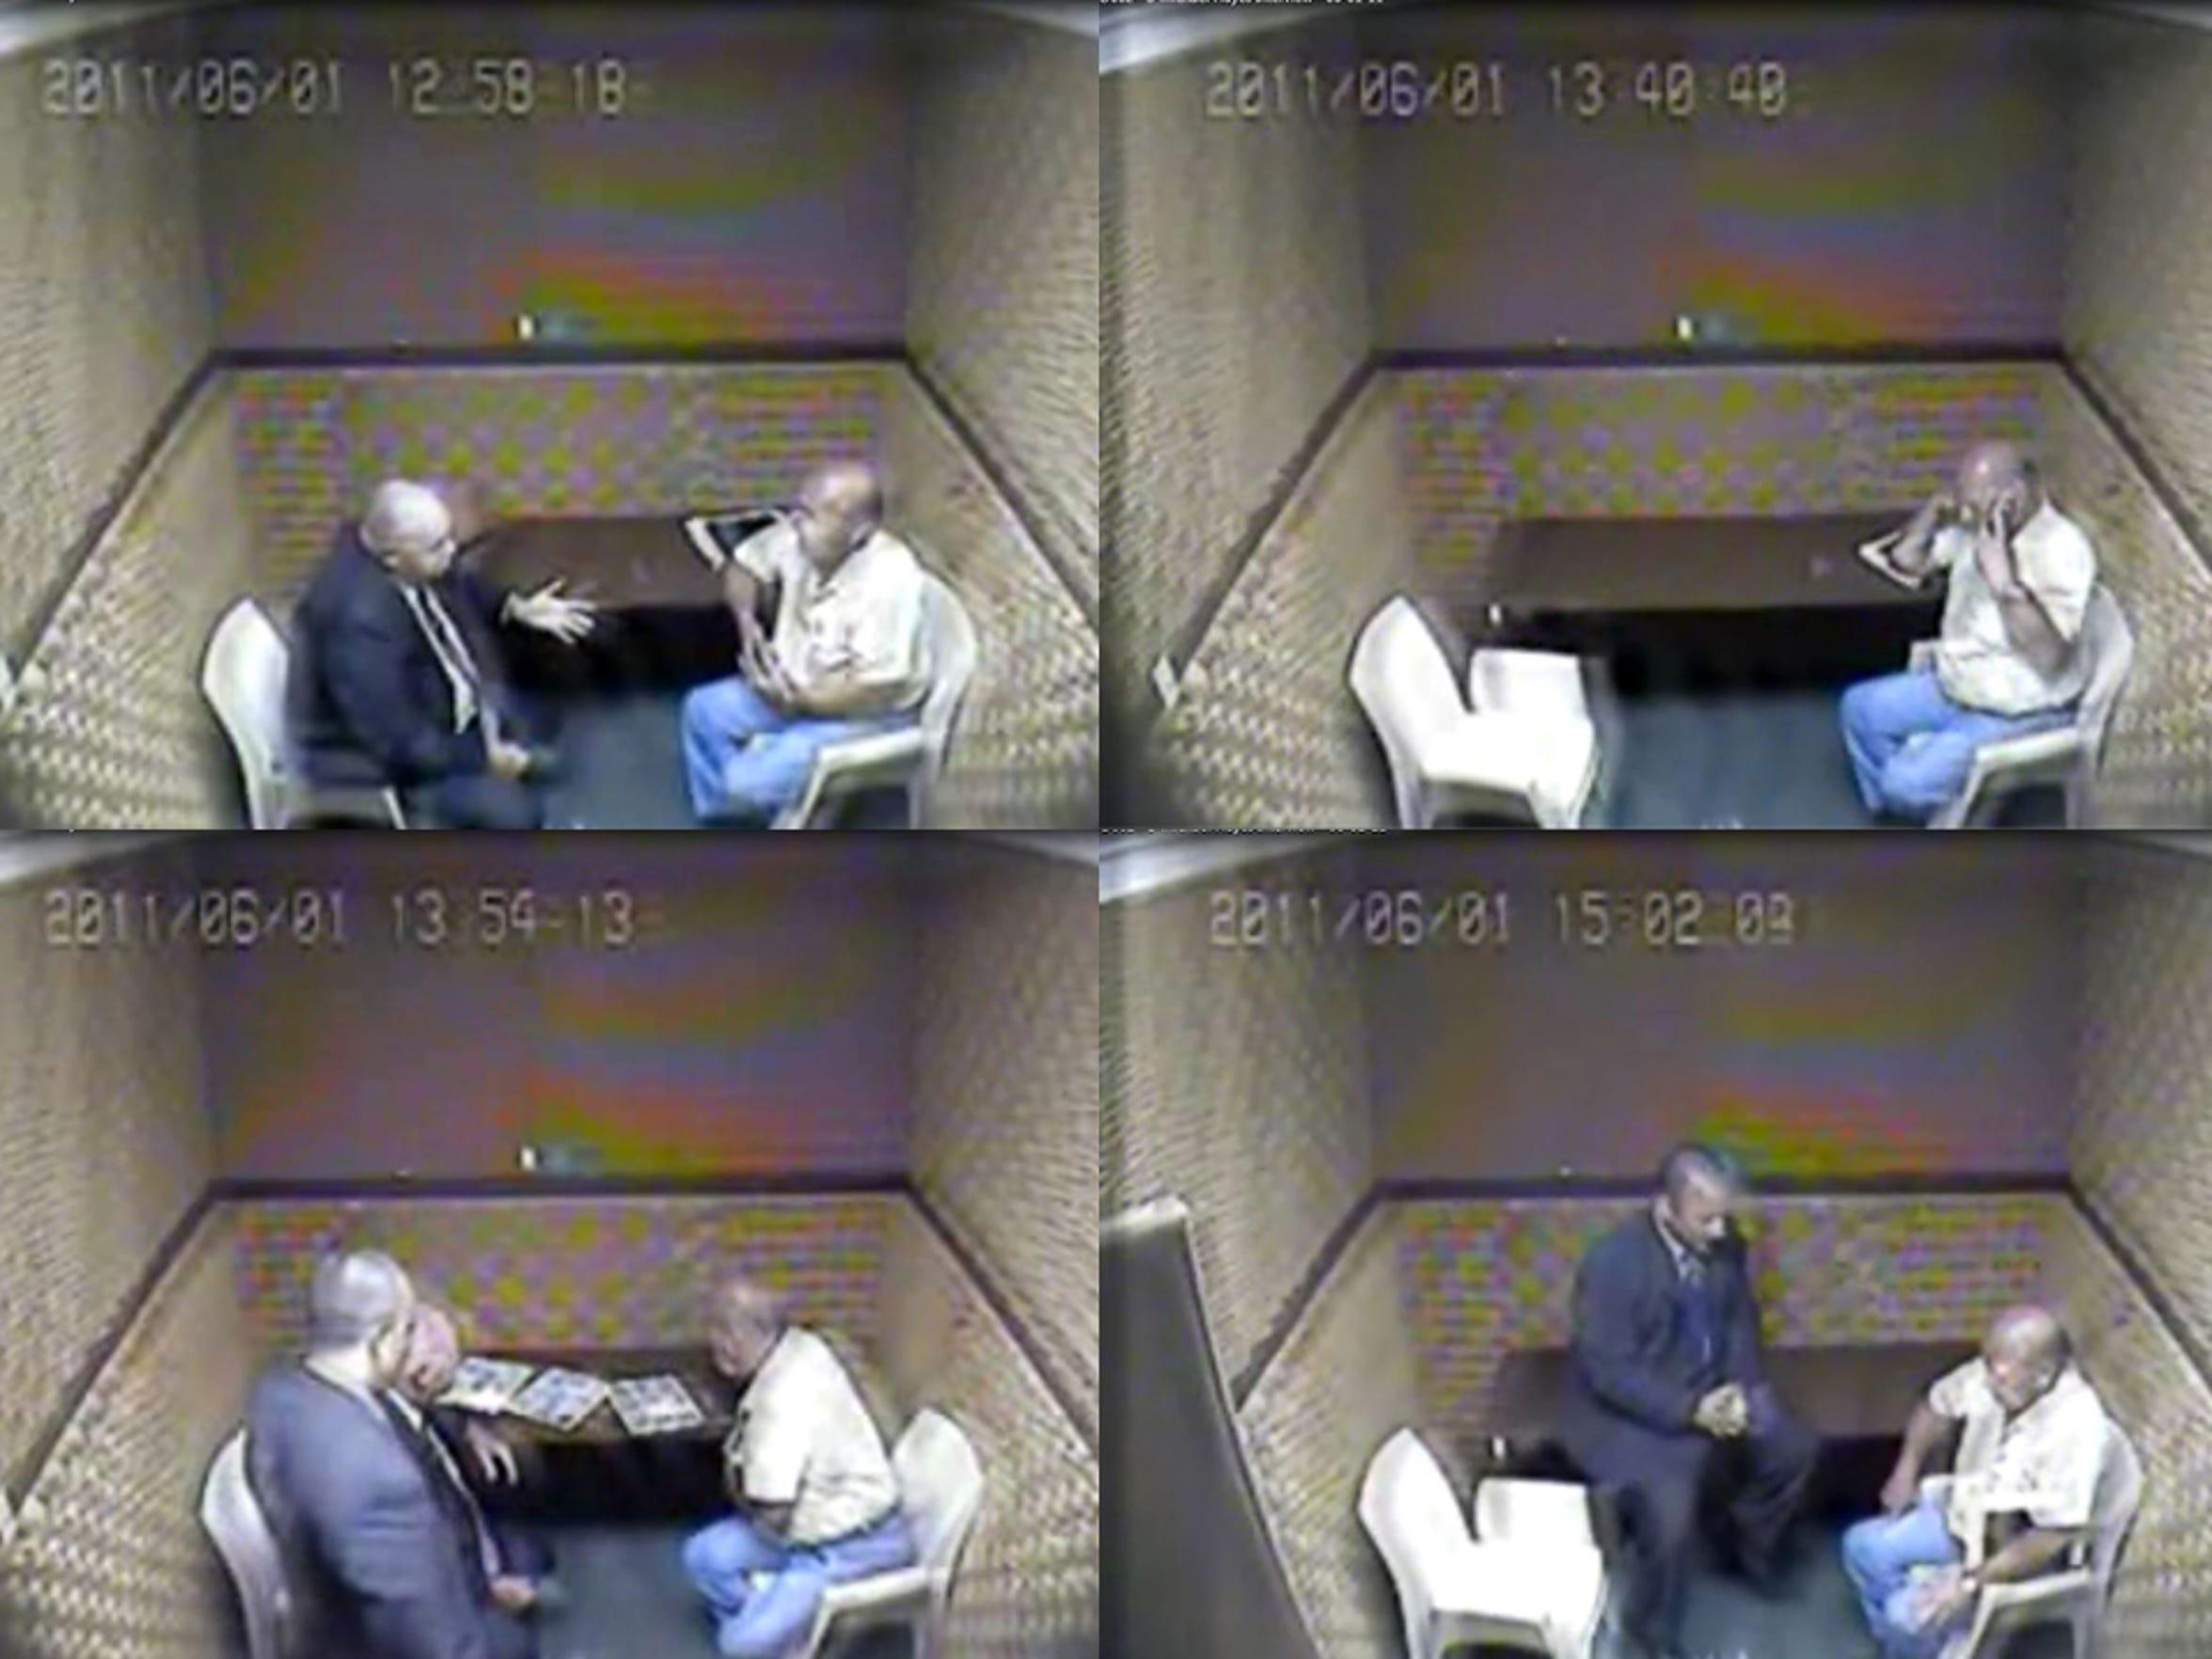 Detectives Brett Seckinger and Ed Vargas interrogate